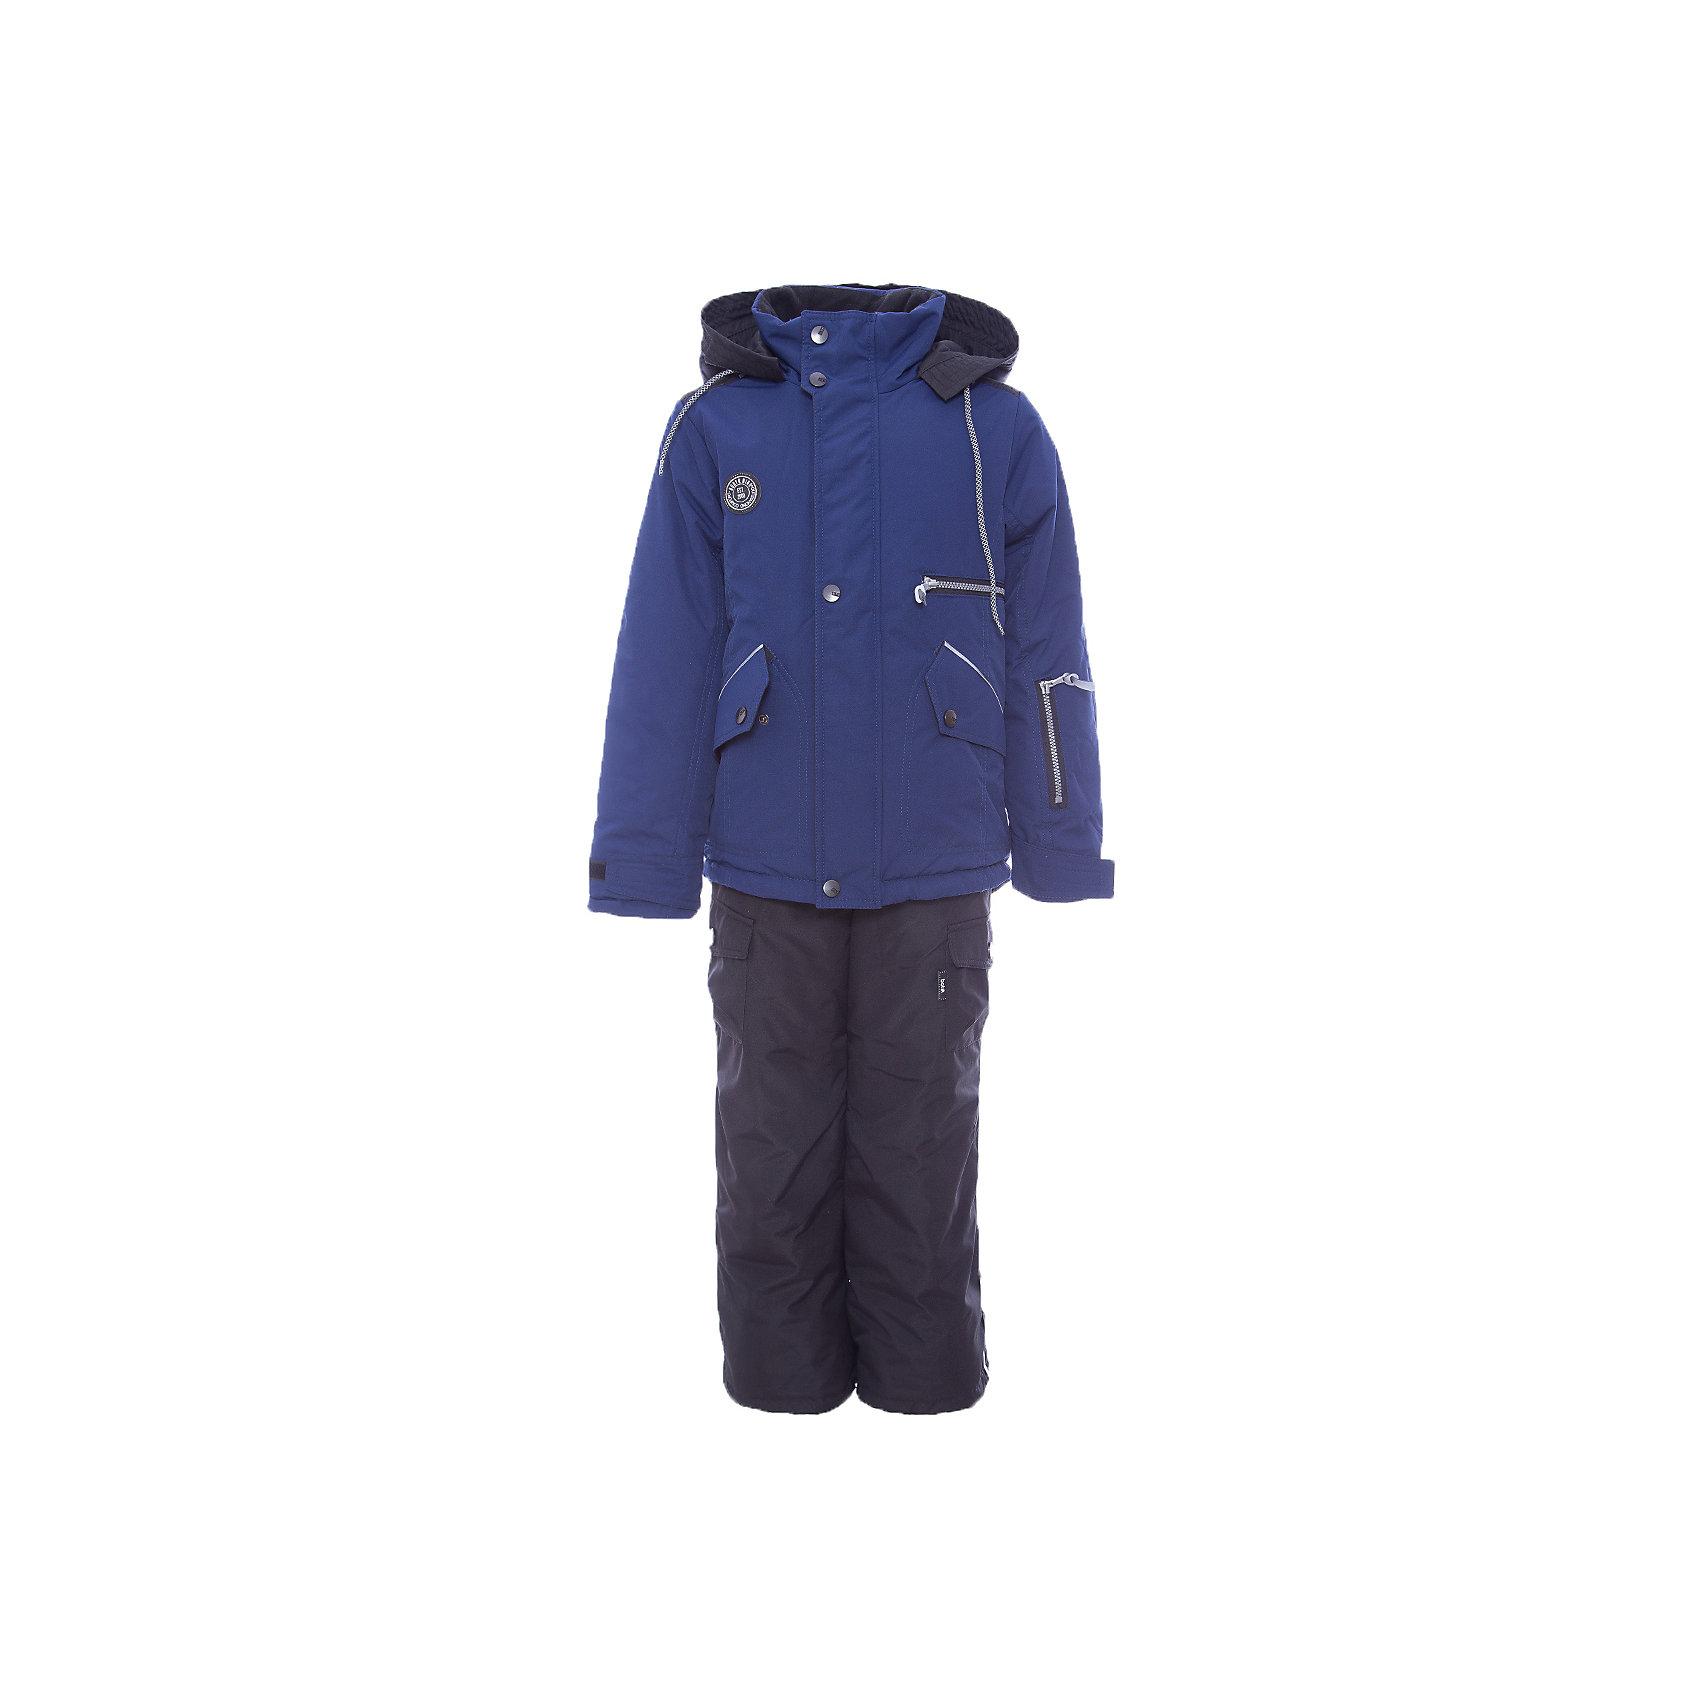 Комплект: куртка и полукомбенизон Марс Batik для мальчикаВерхняя одежда<br>Характеристики товара:<br><br>• цвет: синий<br>• комплектация: куртка и полукомбинезон, горнолыжные очки<br>• состав ткани: таслан<br>• подкладка: поларфлис<br>• утеплитель: слайтекс<br>• сезон: зима<br>• мембранное покрытие<br>• температурный режим: от -35 до 0<br>• водонепроницаемость: 5000 мм <br>• паропроницаемость: 5000 г/м2<br>• плотность утеплителя: куртка - 350 г/м2, полукомбинезон - 200 г/м2<br>• застежка: молния<br>• капюшон: без меха, отстегивается<br>• встроенный термодатчик<br>• страна бренда: Россия<br>• страна изготовитель: Россия<br><br>Флисовая подкладка комплекта для мальчика мягкая и теплая. Теплый зимний комплект для мальчика выполнен в модной расцветке. Практичный зимний комплект дополнен капюшоном, карманами и удобной молнией. Высокотехнологичная мембрана в детском комплекте надежно защищает от холода и влаги. <br><br>Комплект: куртка и полукомбинезон Марс Batik (Батик) для мальчика можно купить в нашем интернет-магазине.<br><br>Ширина мм: 356<br>Глубина мм: 10<br>Высота мм: 245<br>Вес г: 519<br>Цвет: синий<br>Возраст от месяцев: 144<br>Возраст до месяцев: 156<br>Пол: Мужской<br>Возраст: Детский<br>Размер: 158,128,134,140,146,152<br>SKU: 7028369